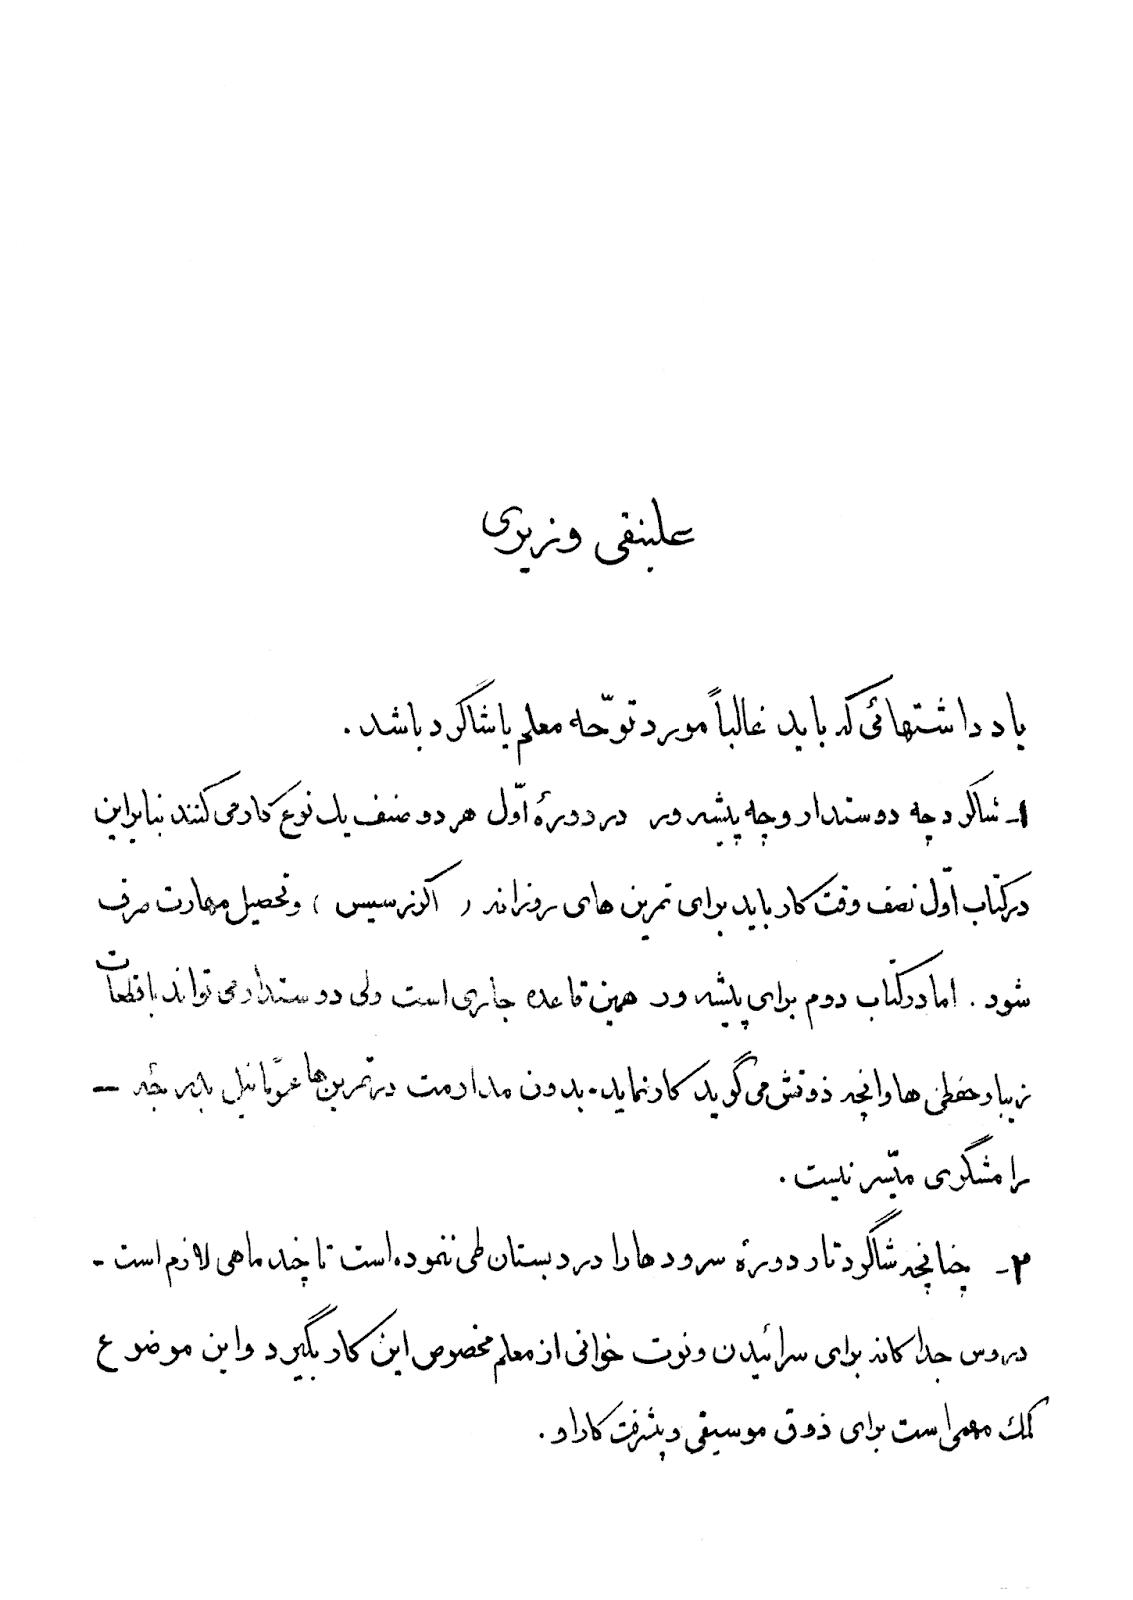 یادداشتهایی به خط علینقی وزیری